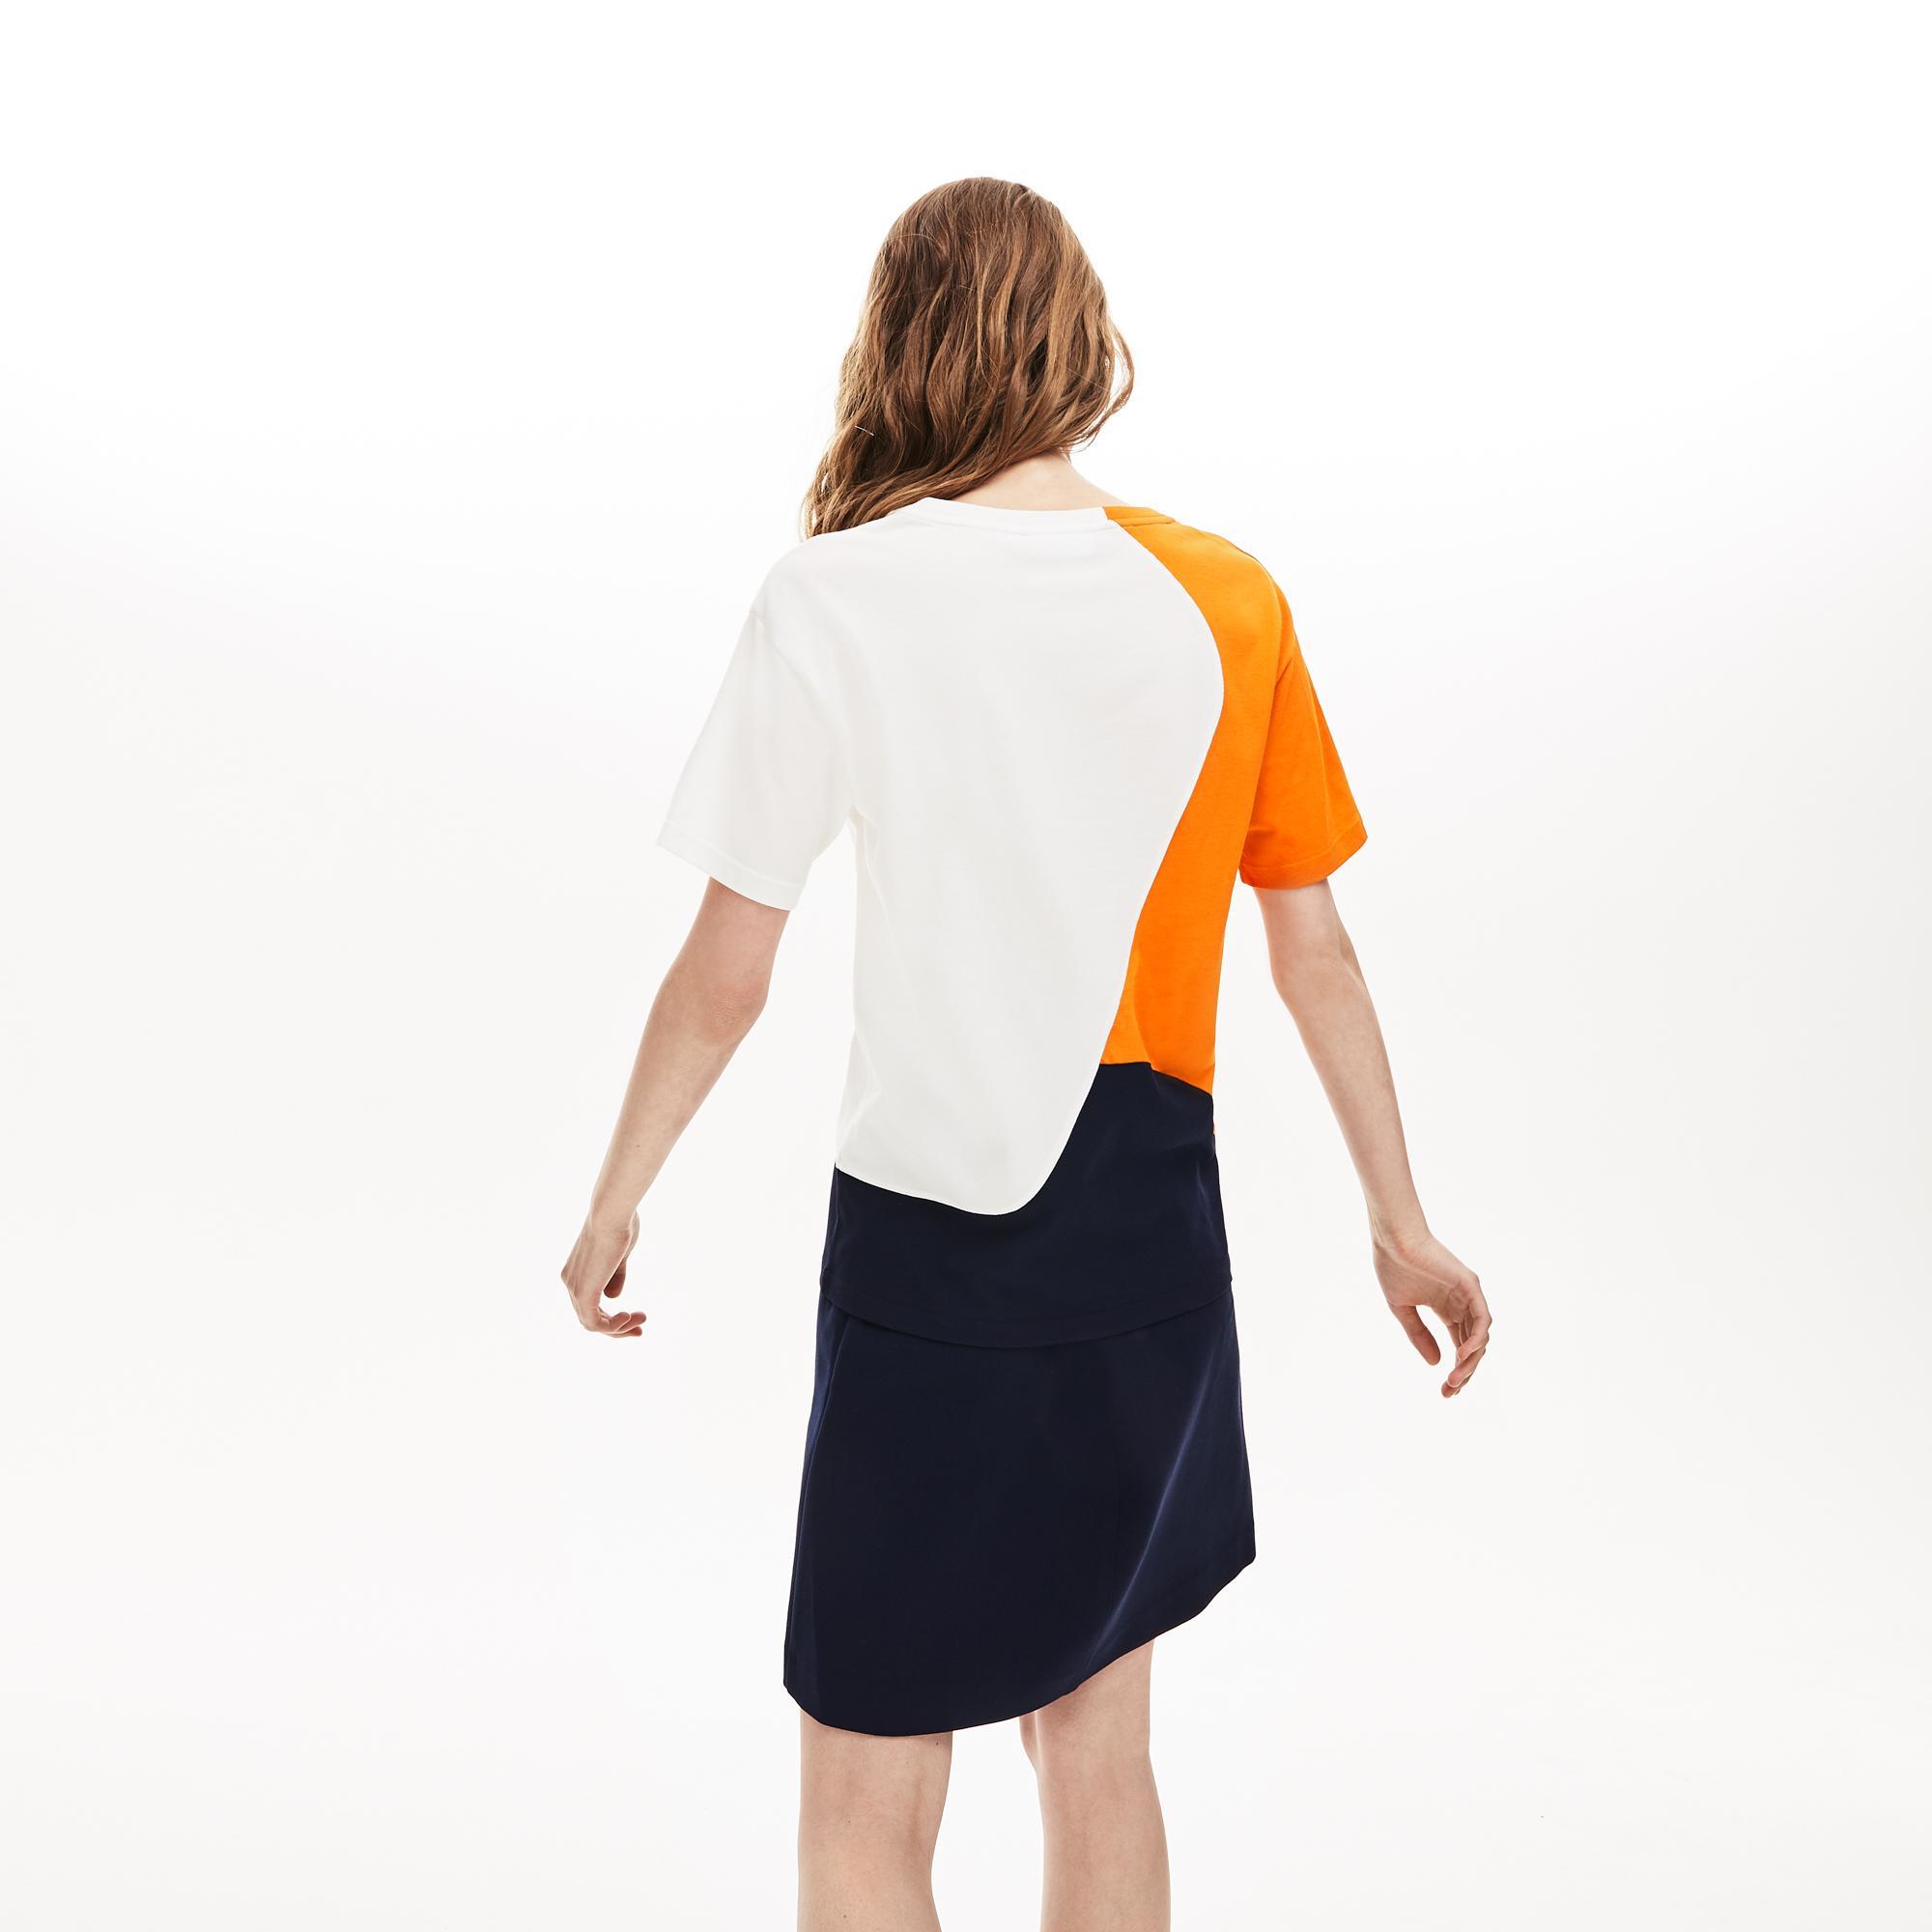 Lacoste Kadın Blok Desenli Renkli T-Shirt